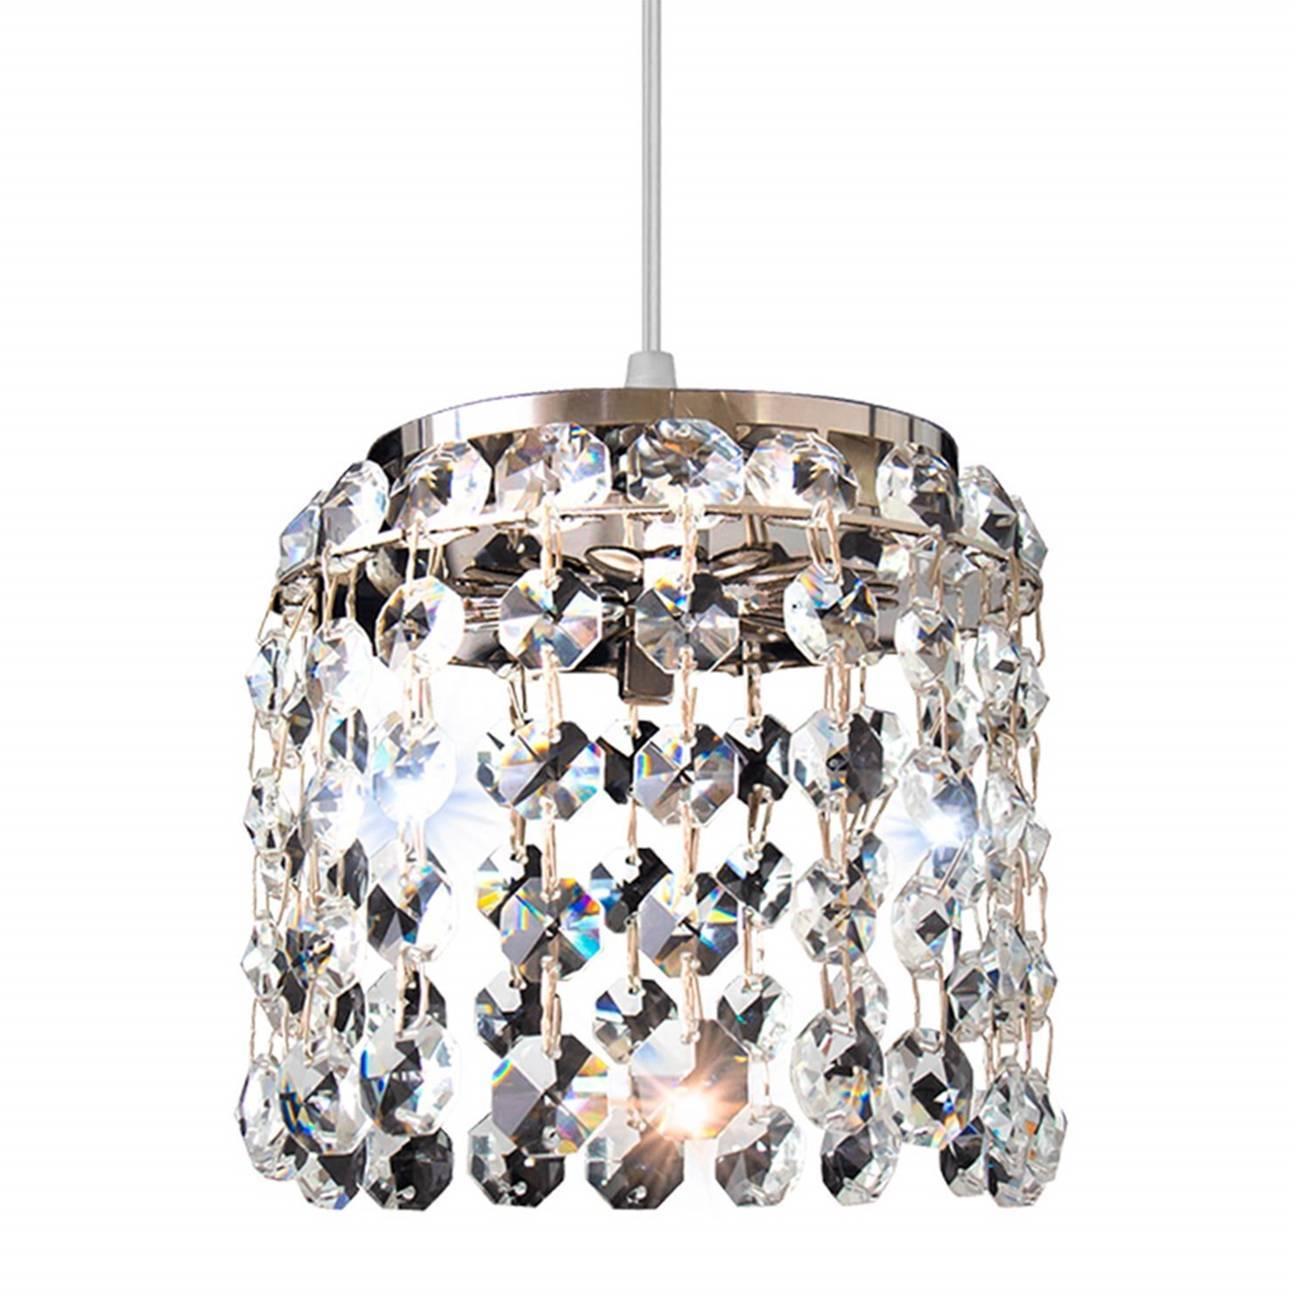 Pendente Cristal Milano 12x10,5cm 1 lâmpada G9 Llum - LCGELETRO